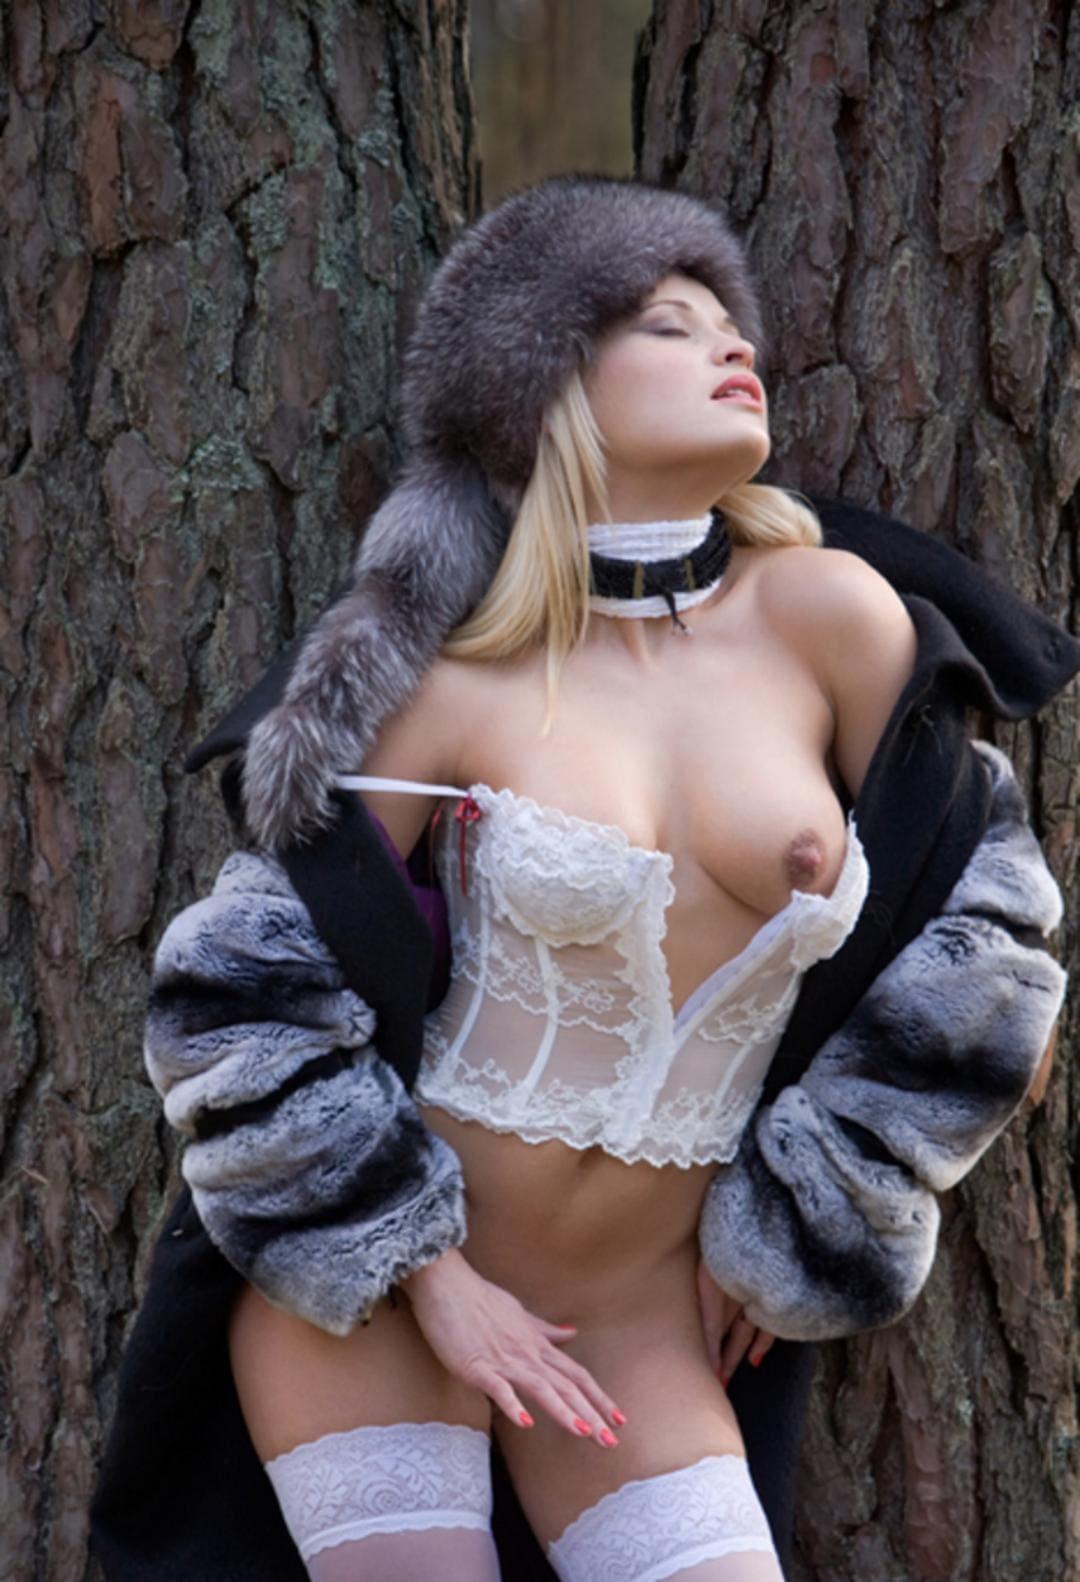 шуба на голое тело красивой блондинки распахнута открывая белый расстегнутый прозрачный корсет одна сиська открыта, на ногах белые чулки на голове пышная шапка с хвостиком чернобурки, на шее намотан шарф с ошейником